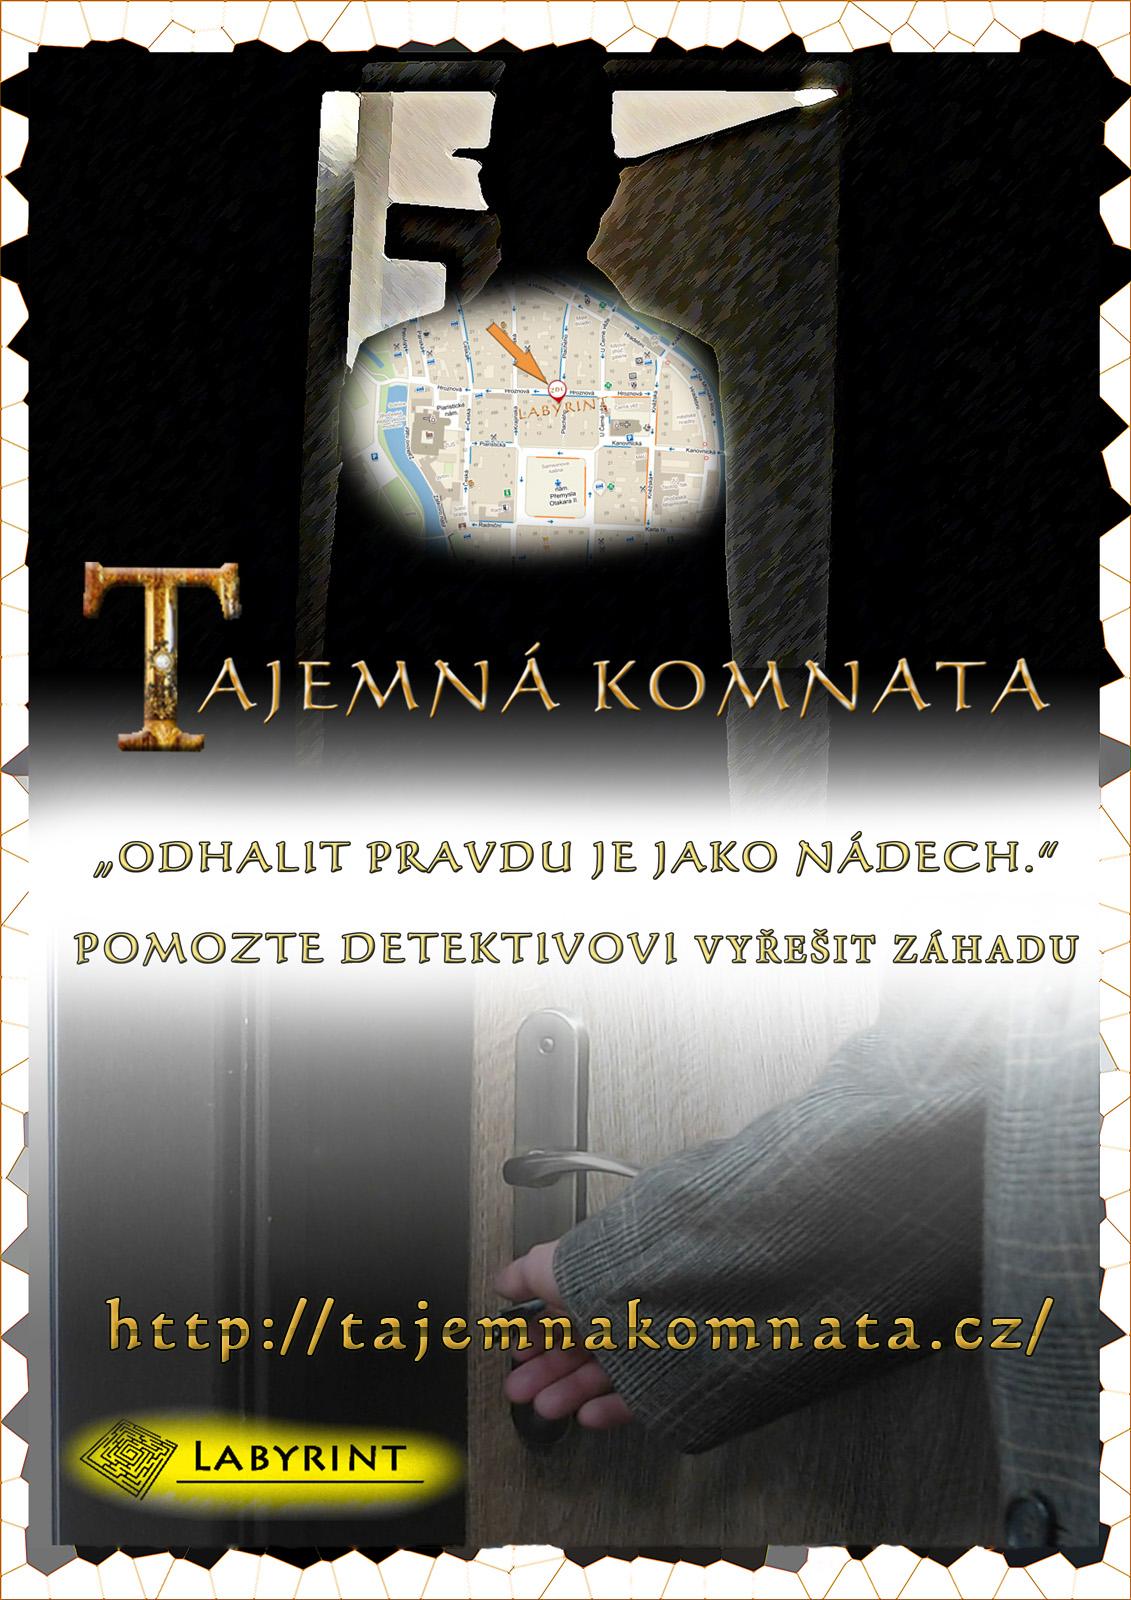 plakát k Tajemné komnatě